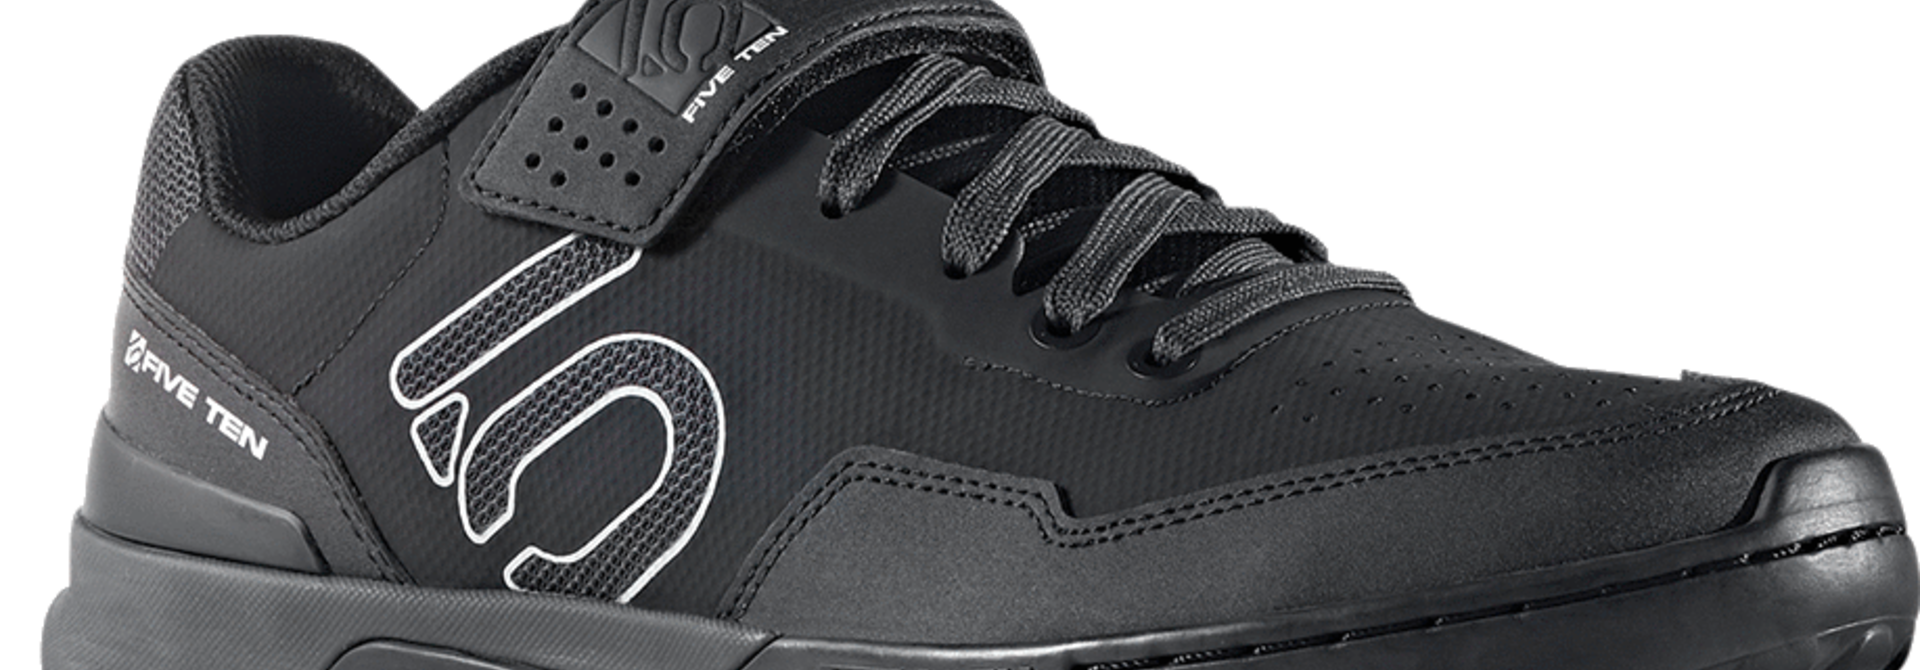 Five Ten Kestrel Lace Carbon Black